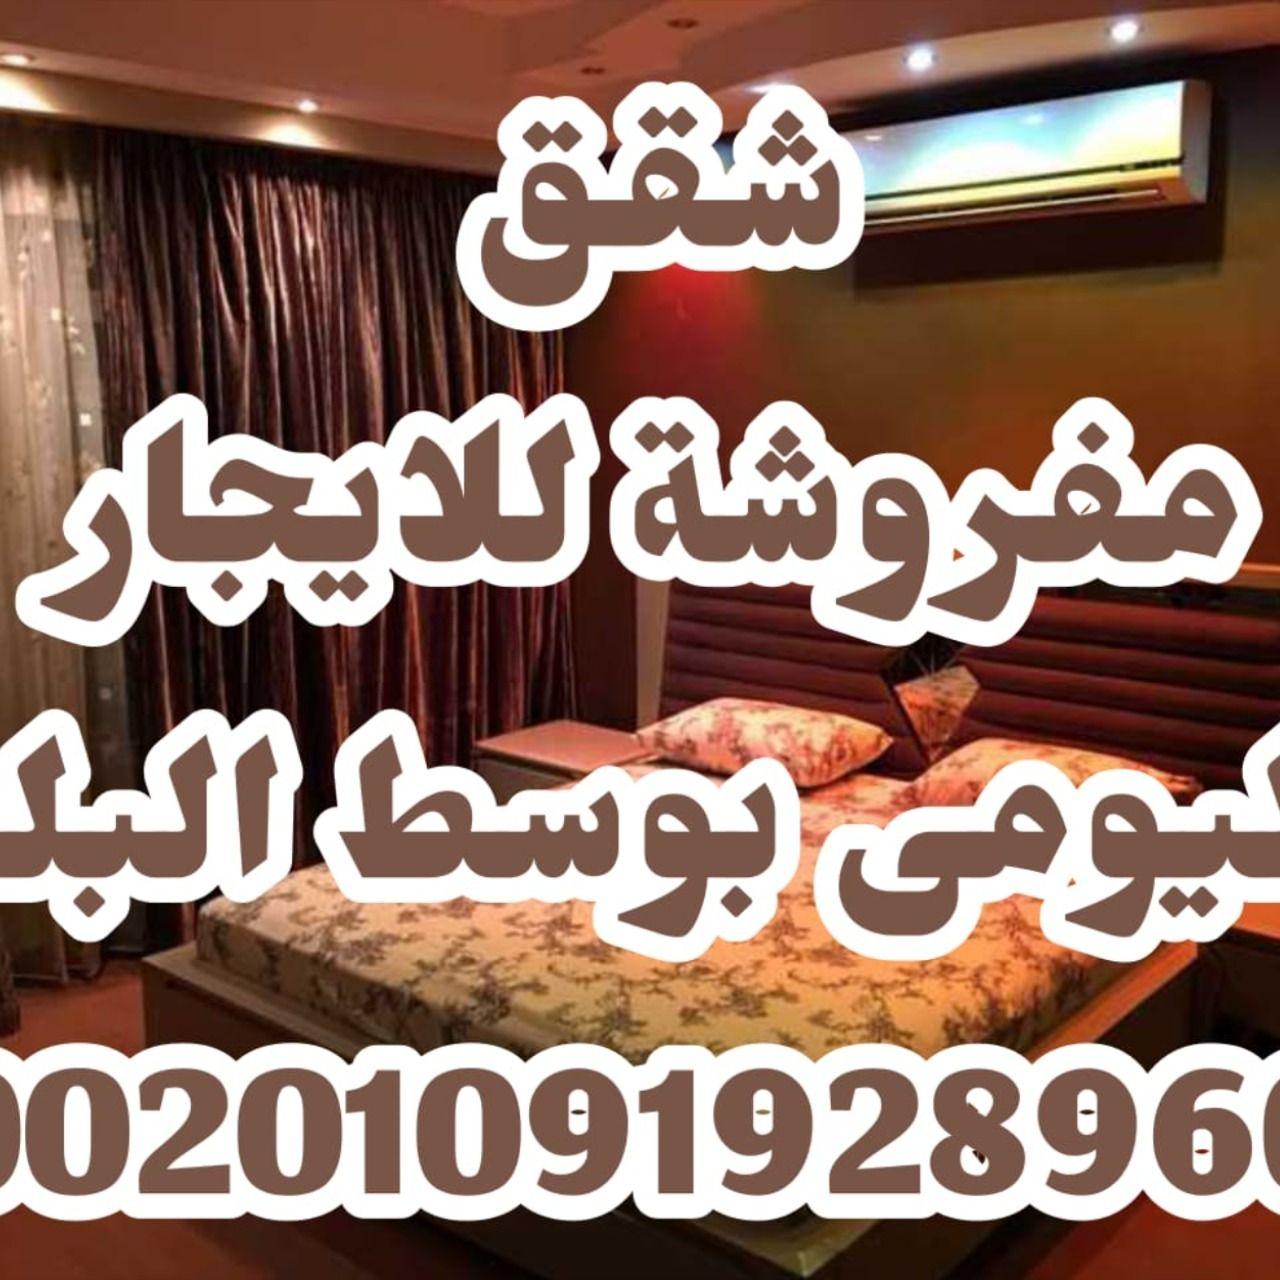 شقق مفروشة للايجار اليومى بالقاهرة 00201091928960 In 2021 Novelty Sign Decor Home Decor